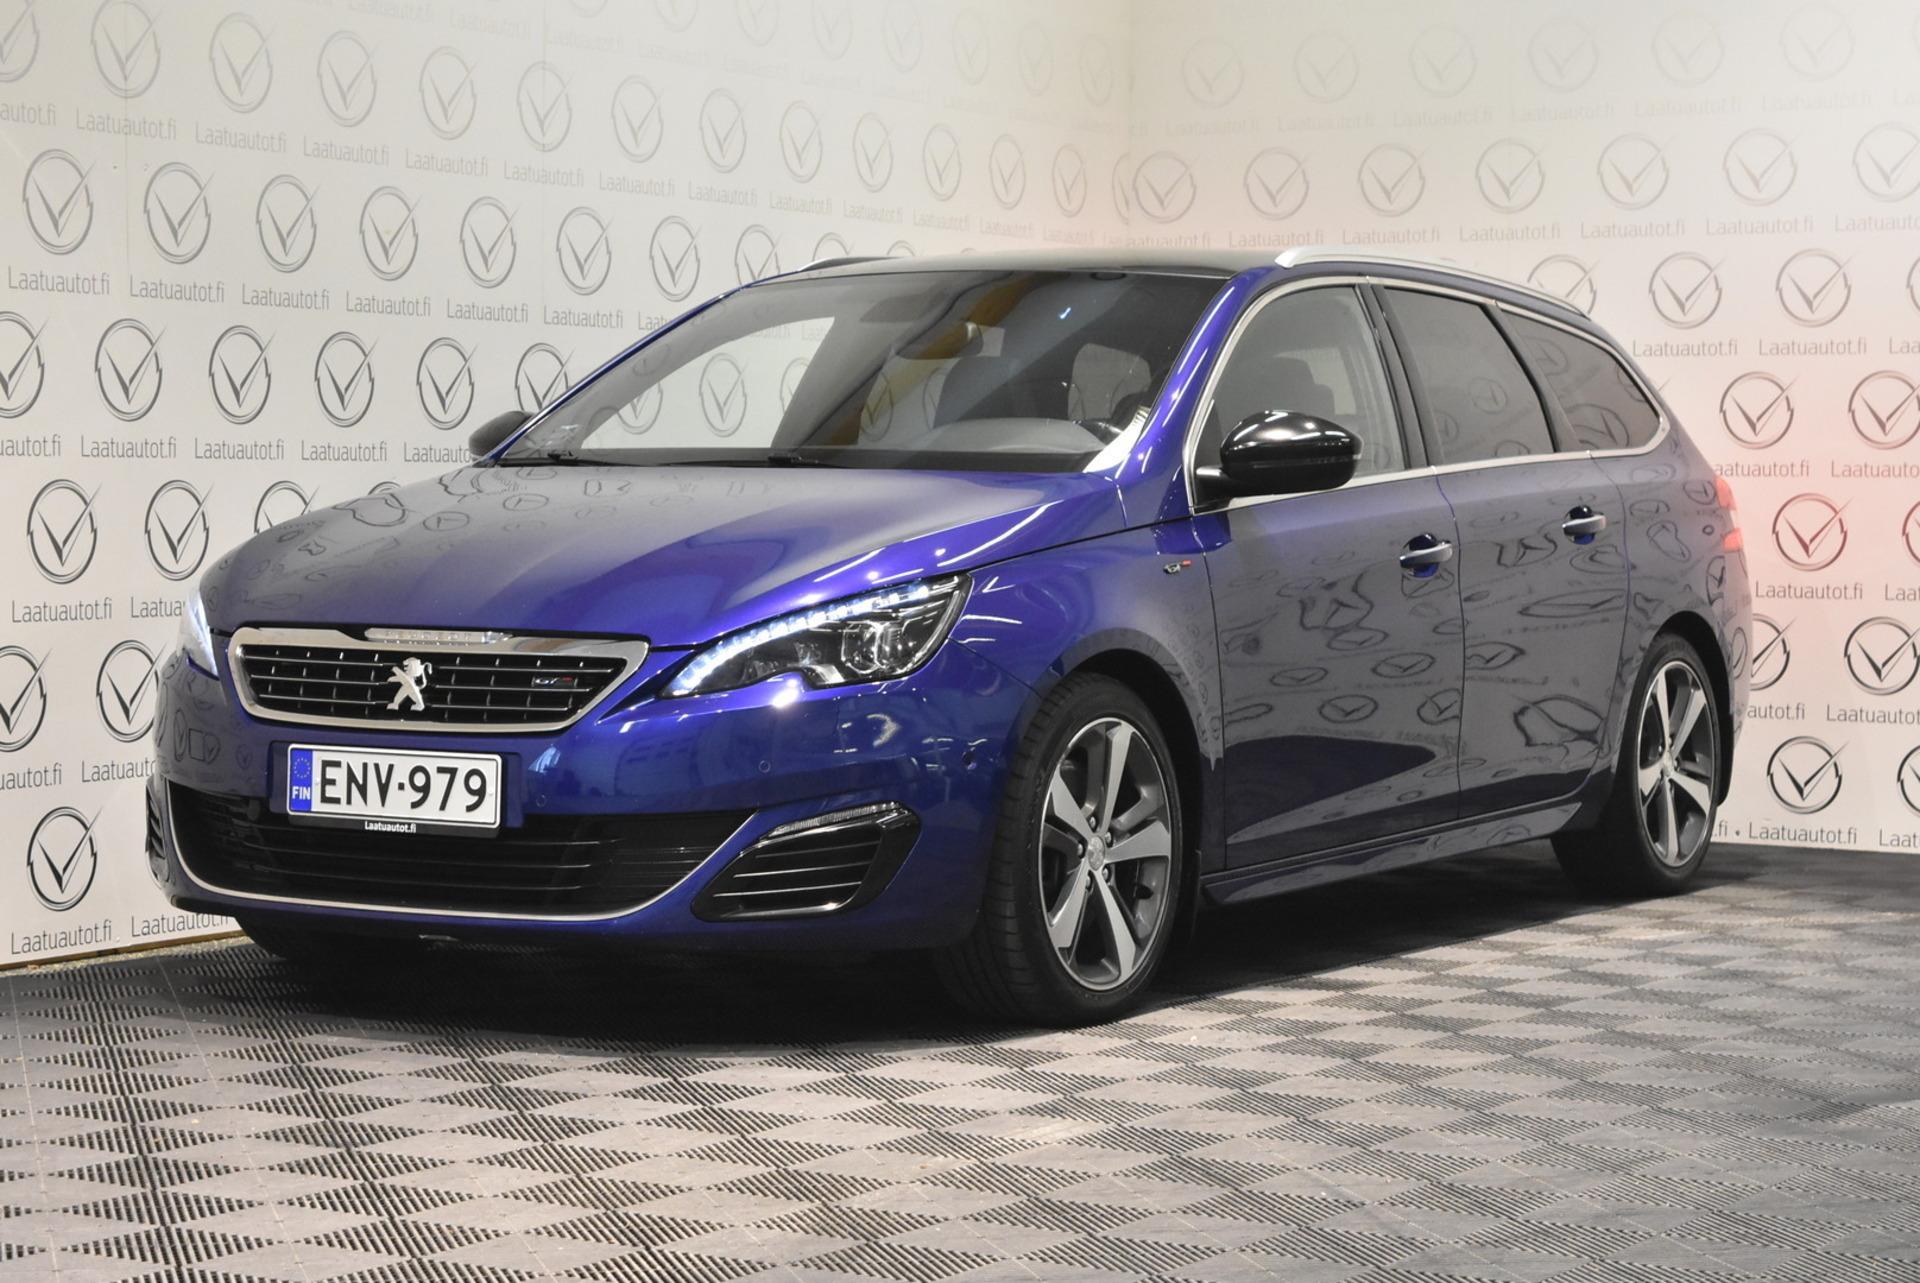 PEUGEOT 308 SW GT BlueHDi 180 Automaatti - Korko: 1, 89% + kulut! Jopa ilman käsirahaa! Huippu varusteet!! Kuntotarkastettu Suomiauto!!